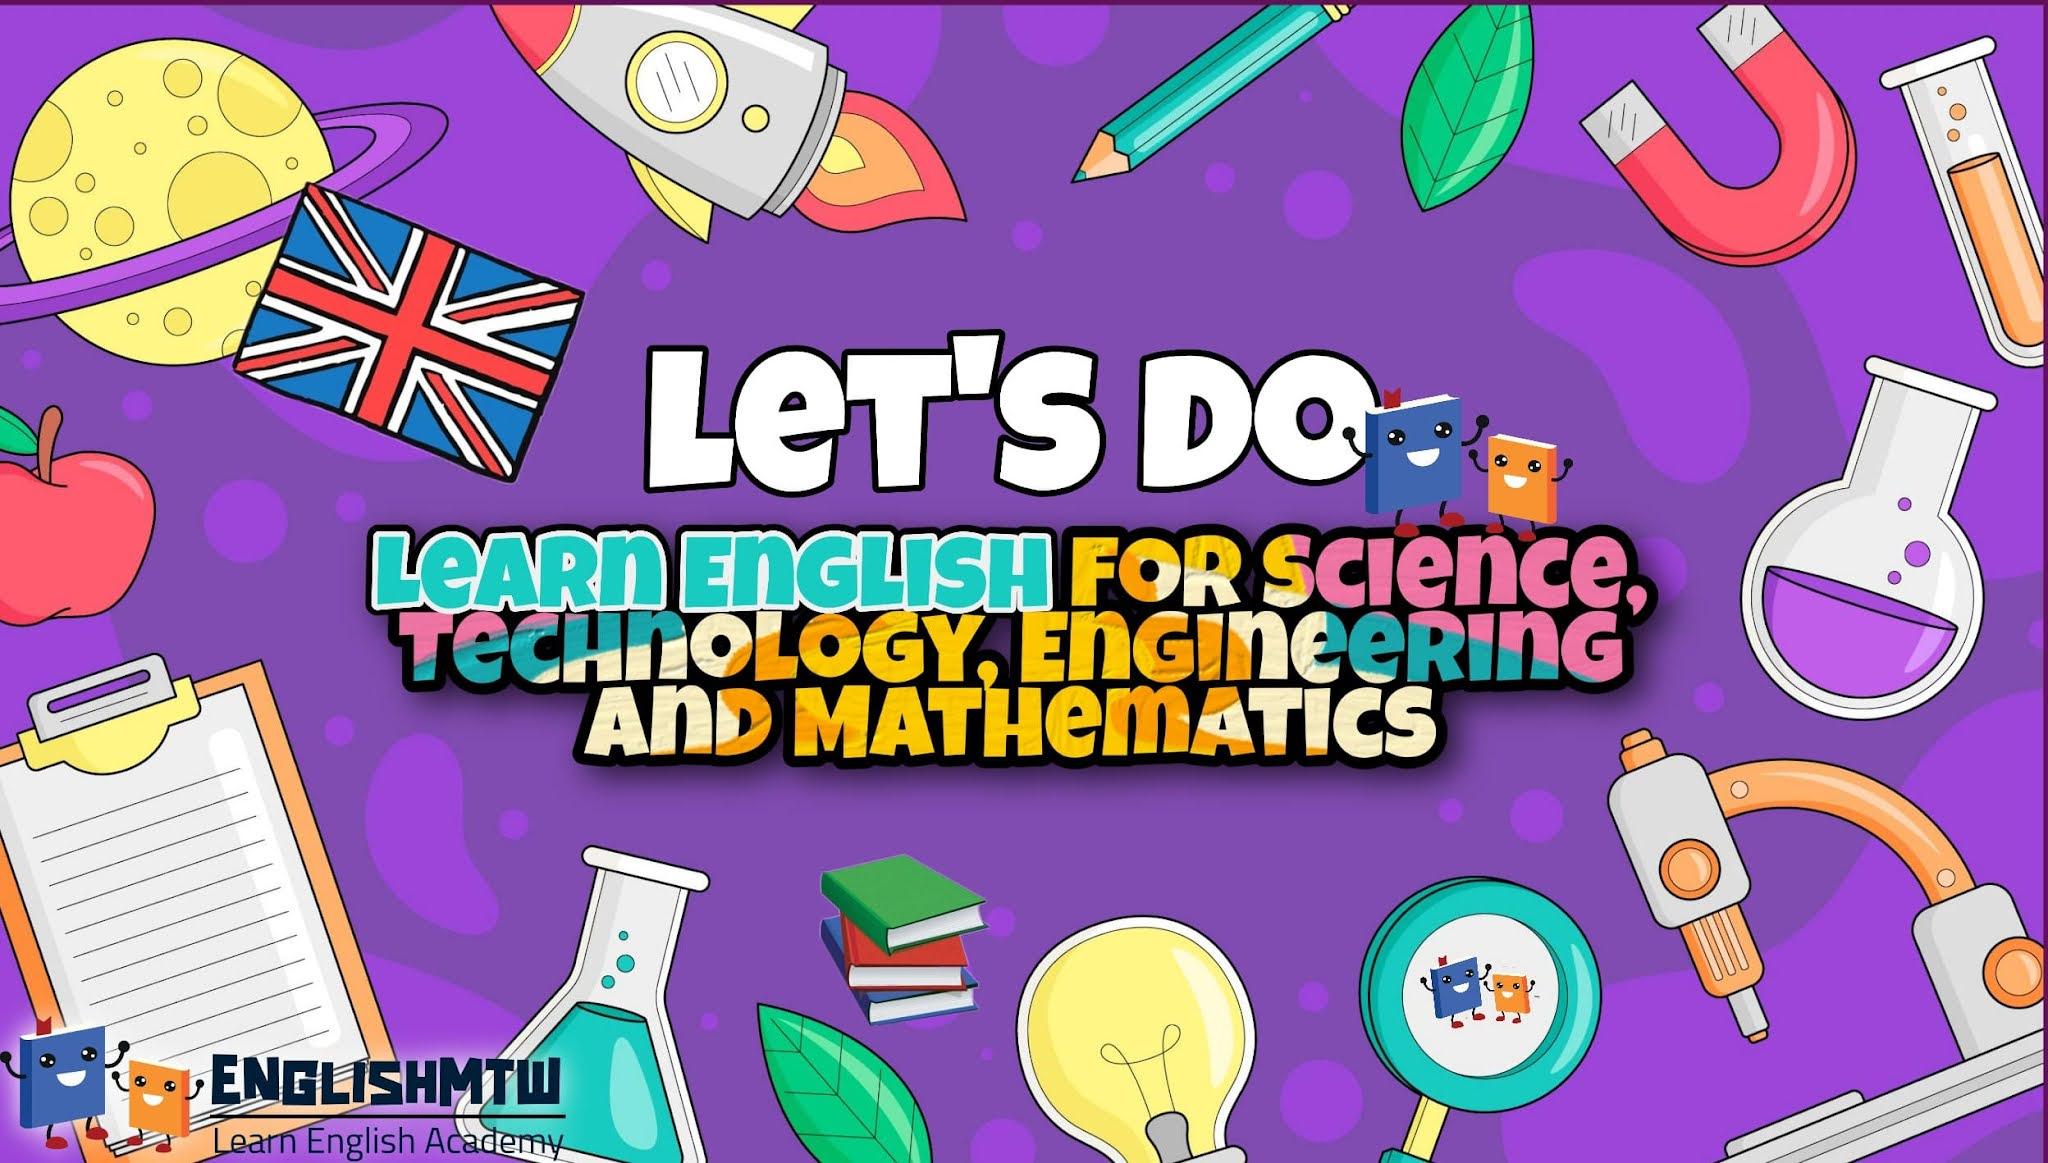 15 سلسلة فيديو رائعة لدراسة اللغة الإنجليزية لـ STEM